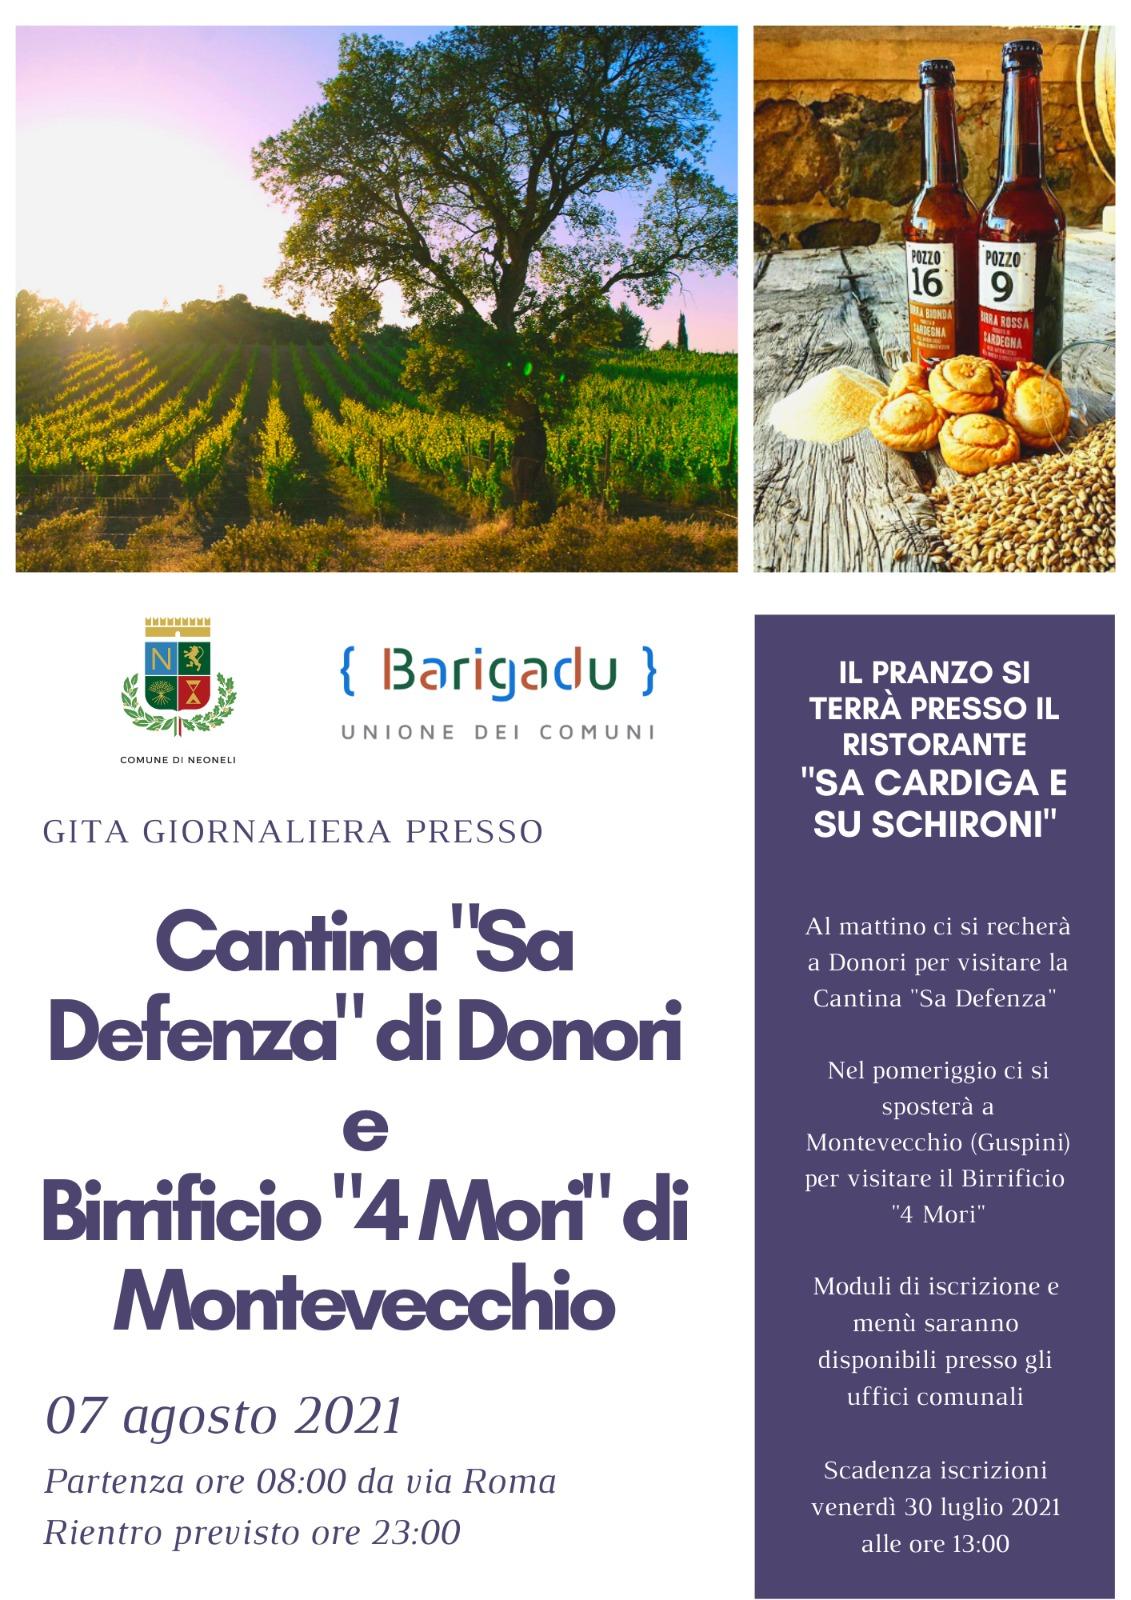 GITA GIORNALIERA PRESSO CANTINA 'Sa Defenza di Donori e Birrificio 4 mori di Montevecchio 07 agosto